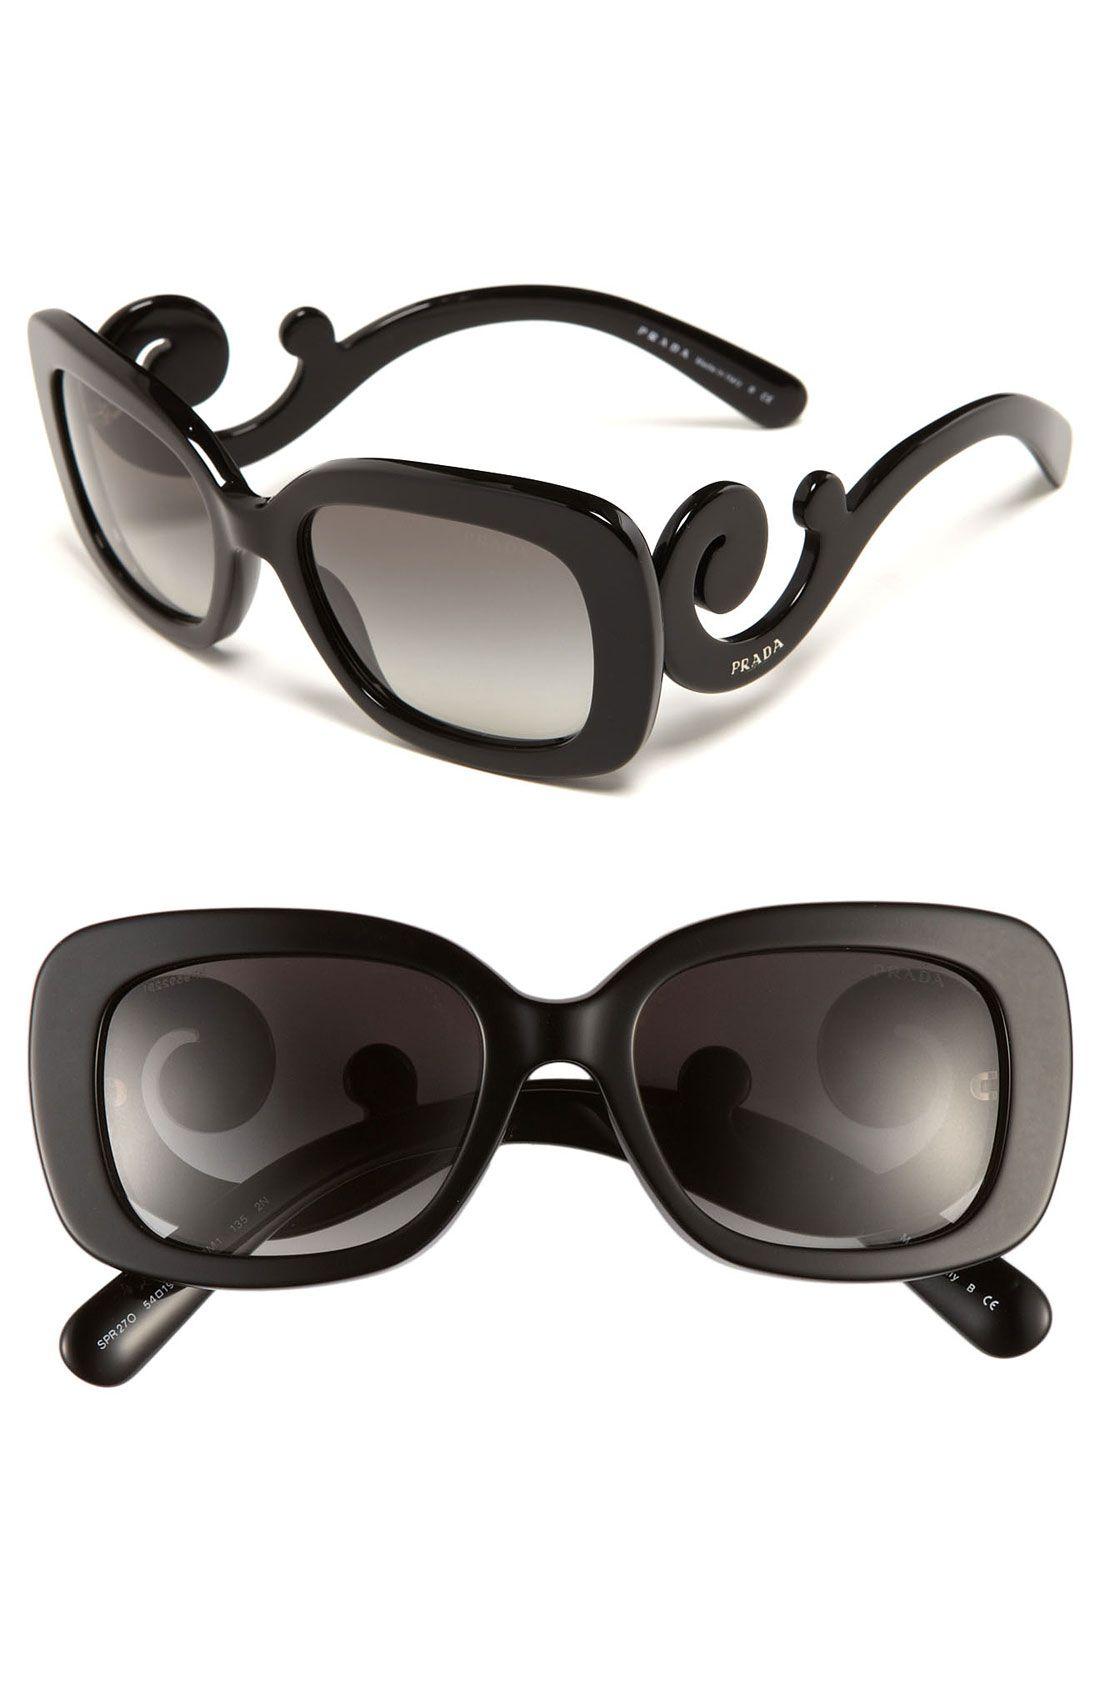 2a92290b9e09 Prada 'Baroque' 54mm Sunglasses | ACCESSORIES .... Shoes, Bags ...